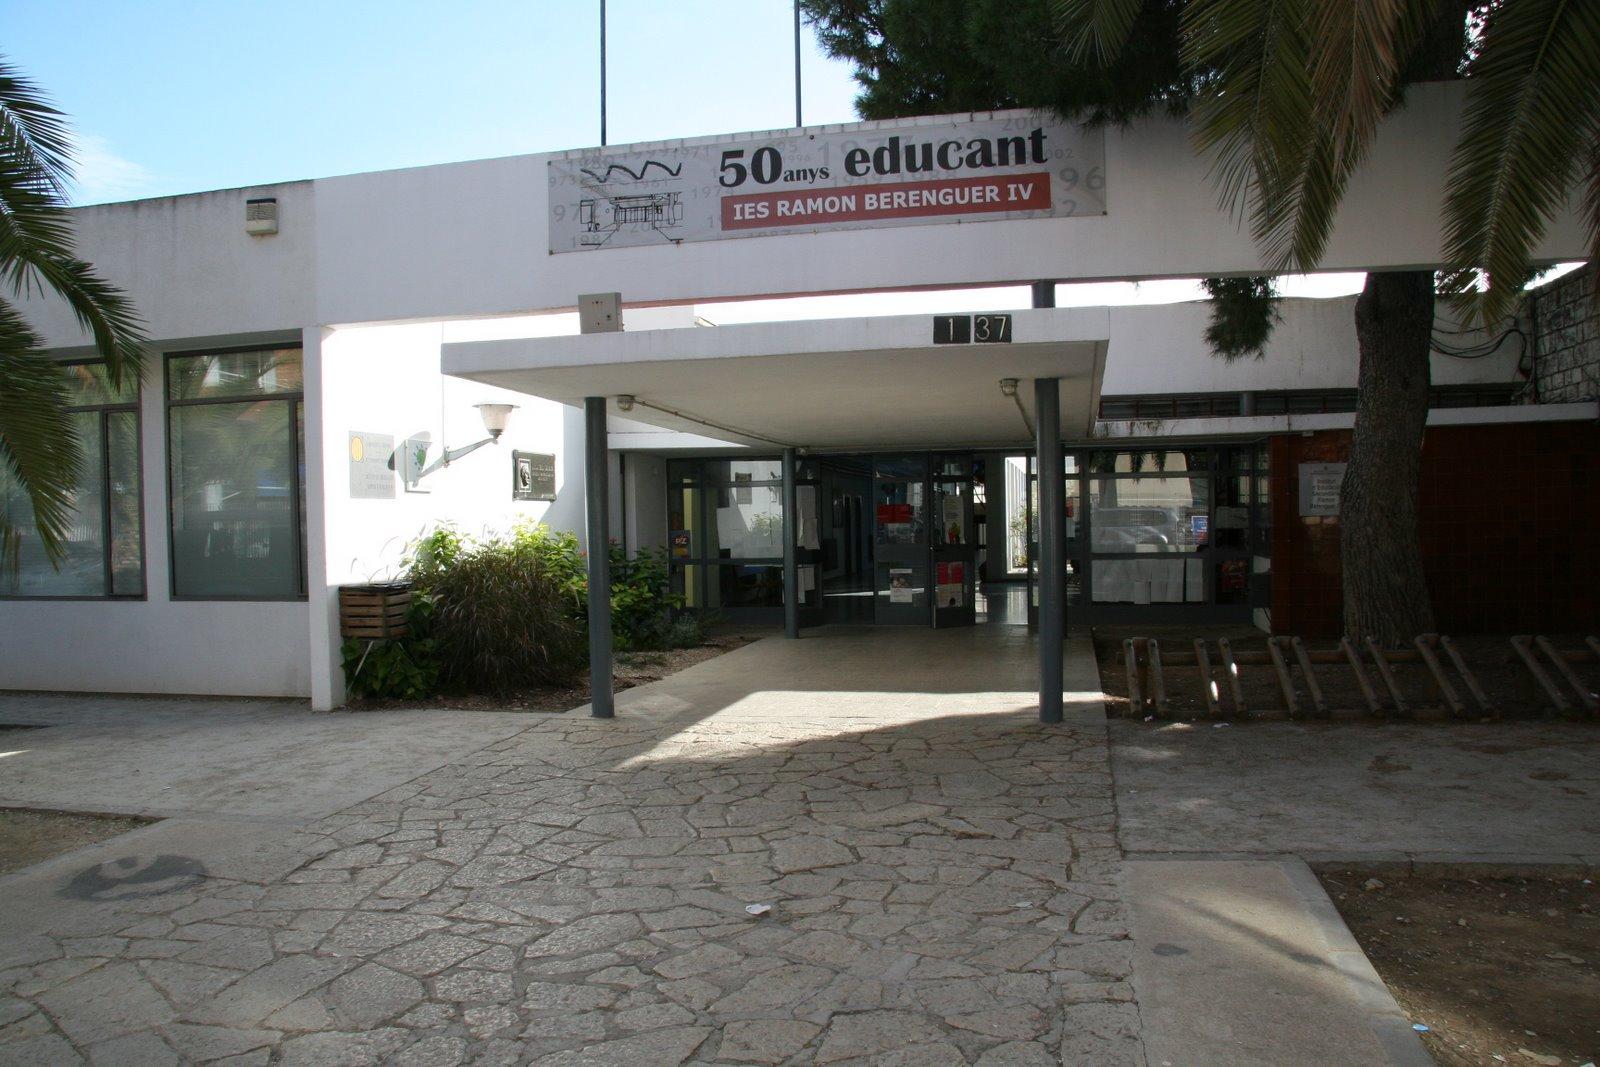 Institut Ramon Berenguer IV Amposta